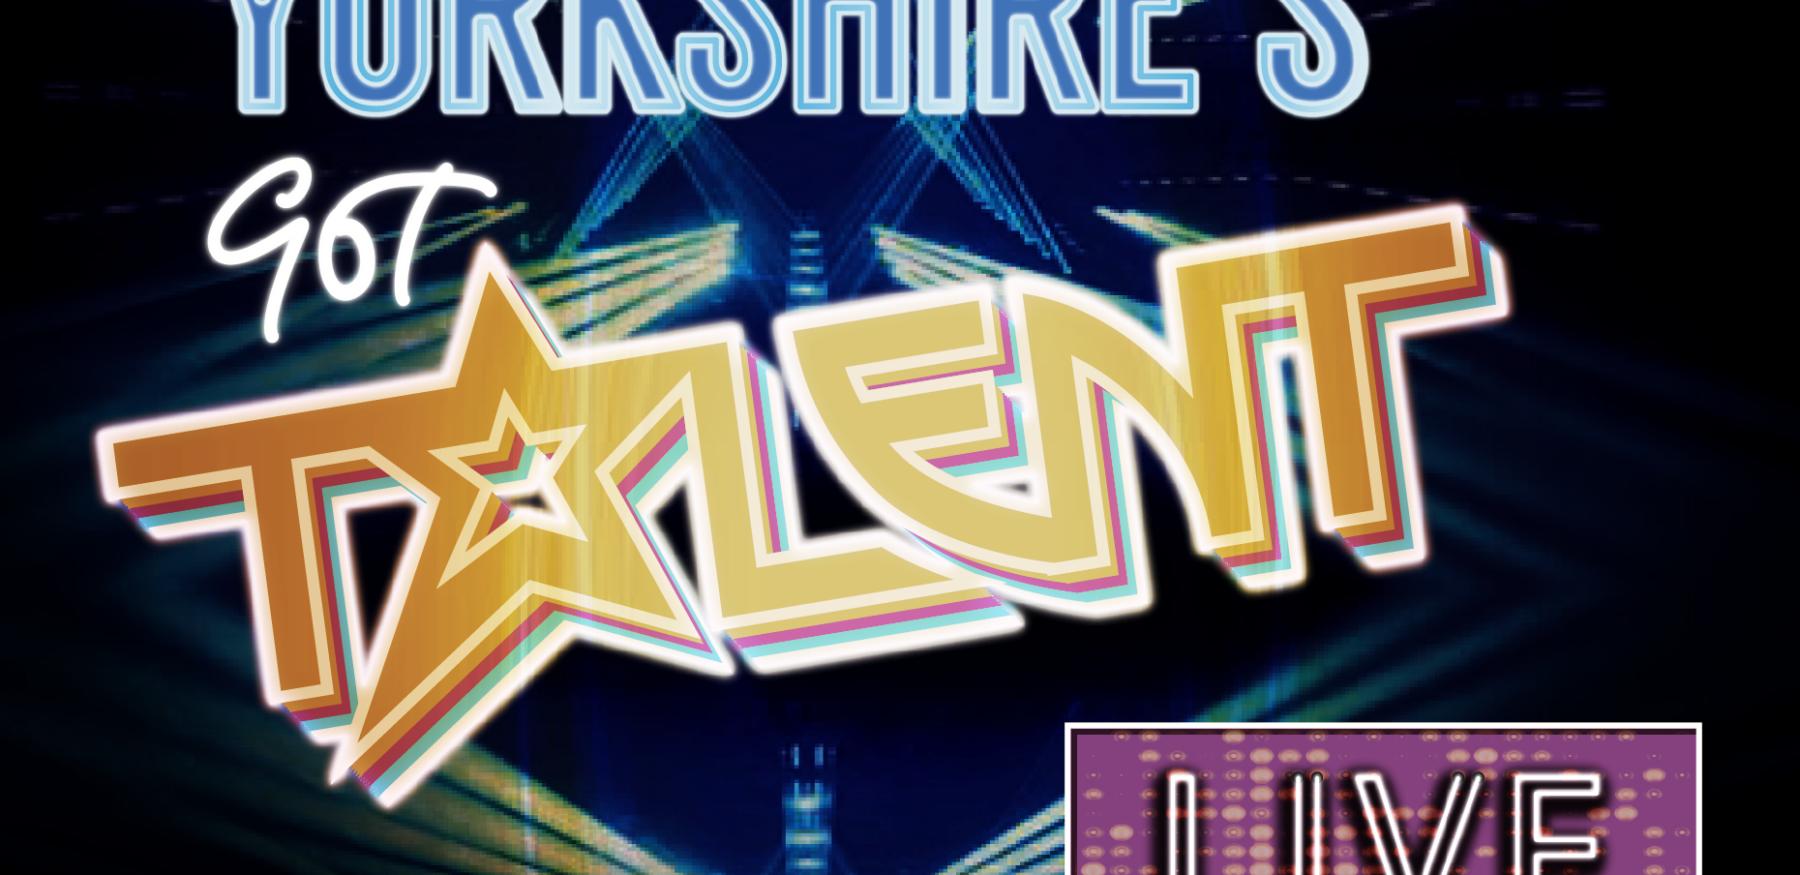 Yorkshires Got Talent Web Banner